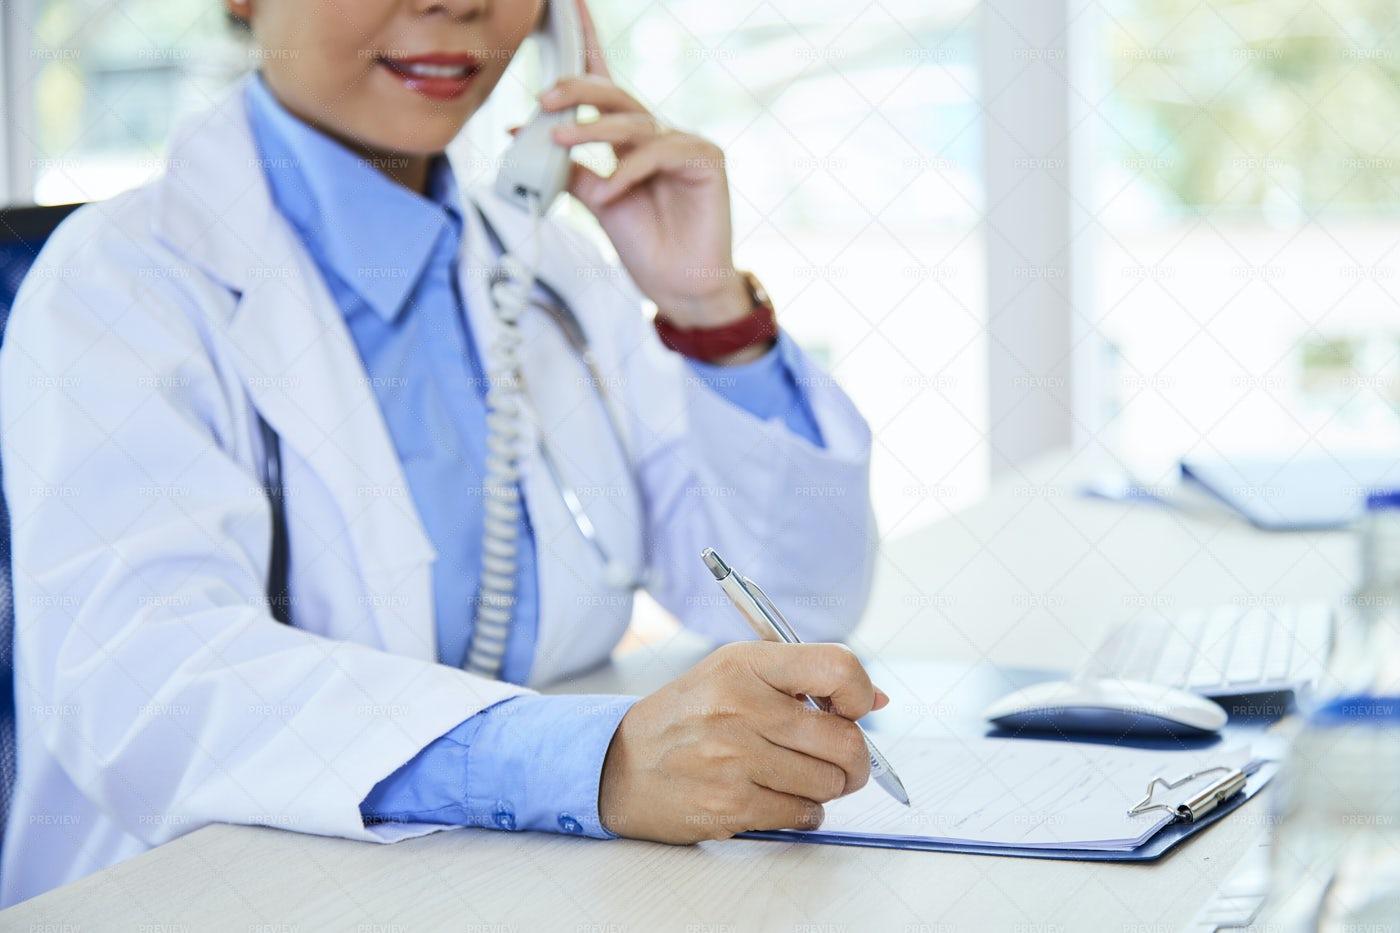 Doctor Writing A Prescription: Stock Photos